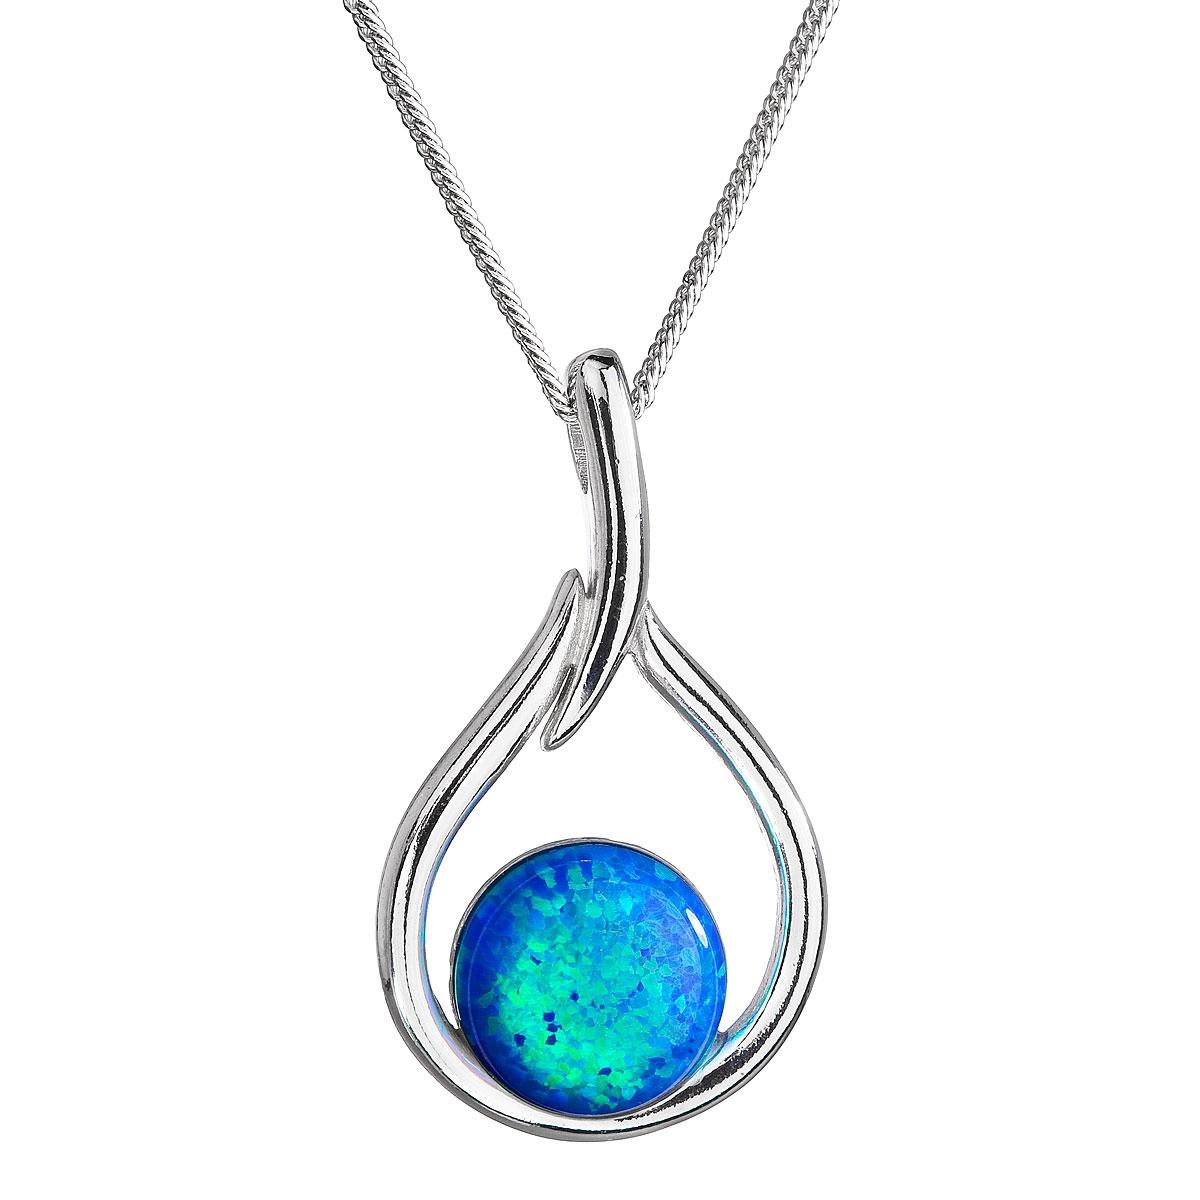 Stříbrný náhrdelník se syntetickým opálem modrá kapka EG4254-OP05